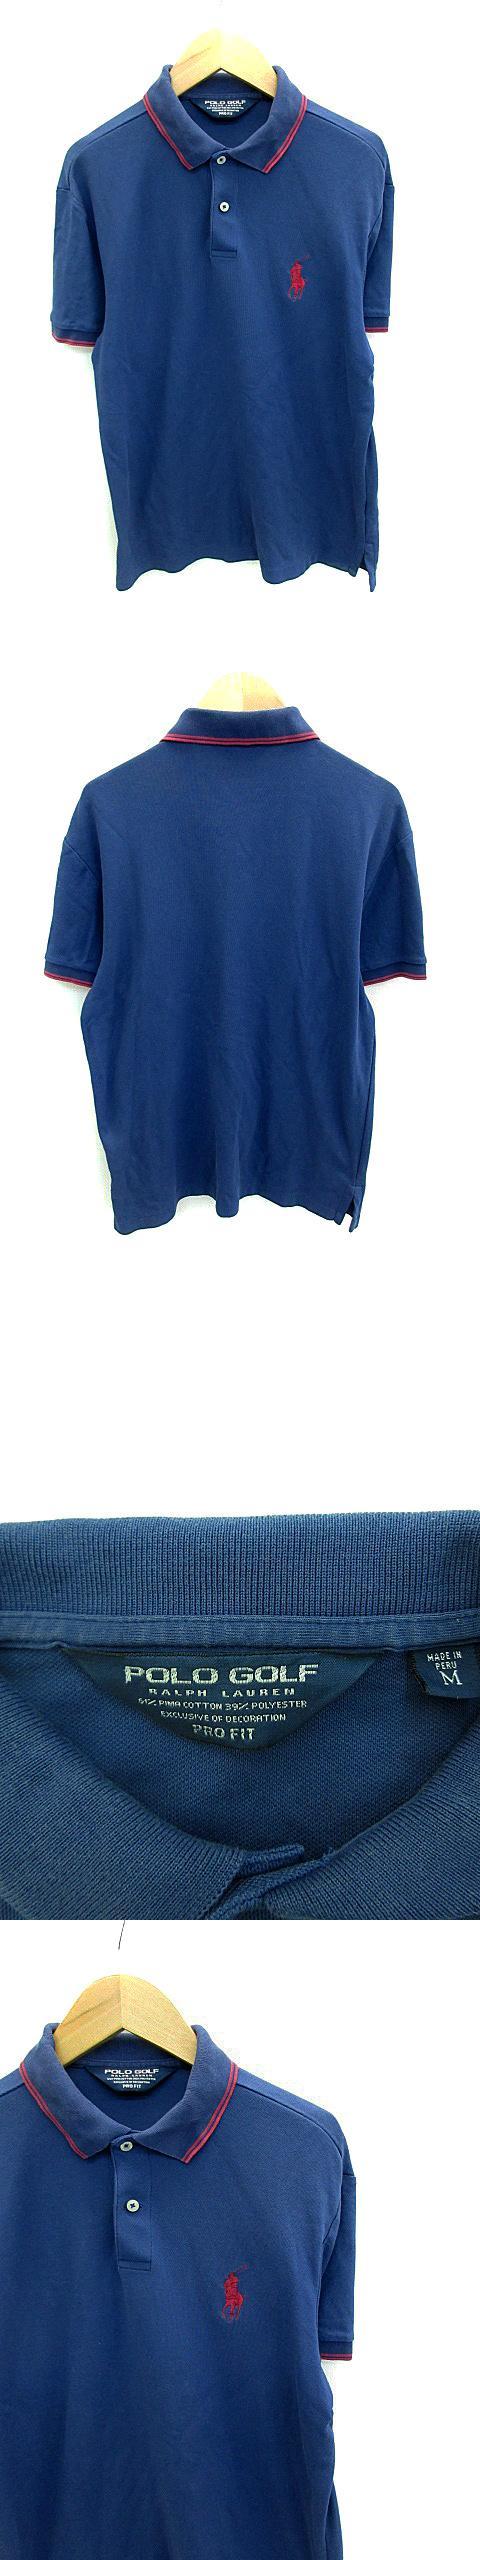 ゴルフウェア ポロシャツ ポロカラー 半袖 ロゴ刺繍 M 青 ブルー 赤 レッド /NS9